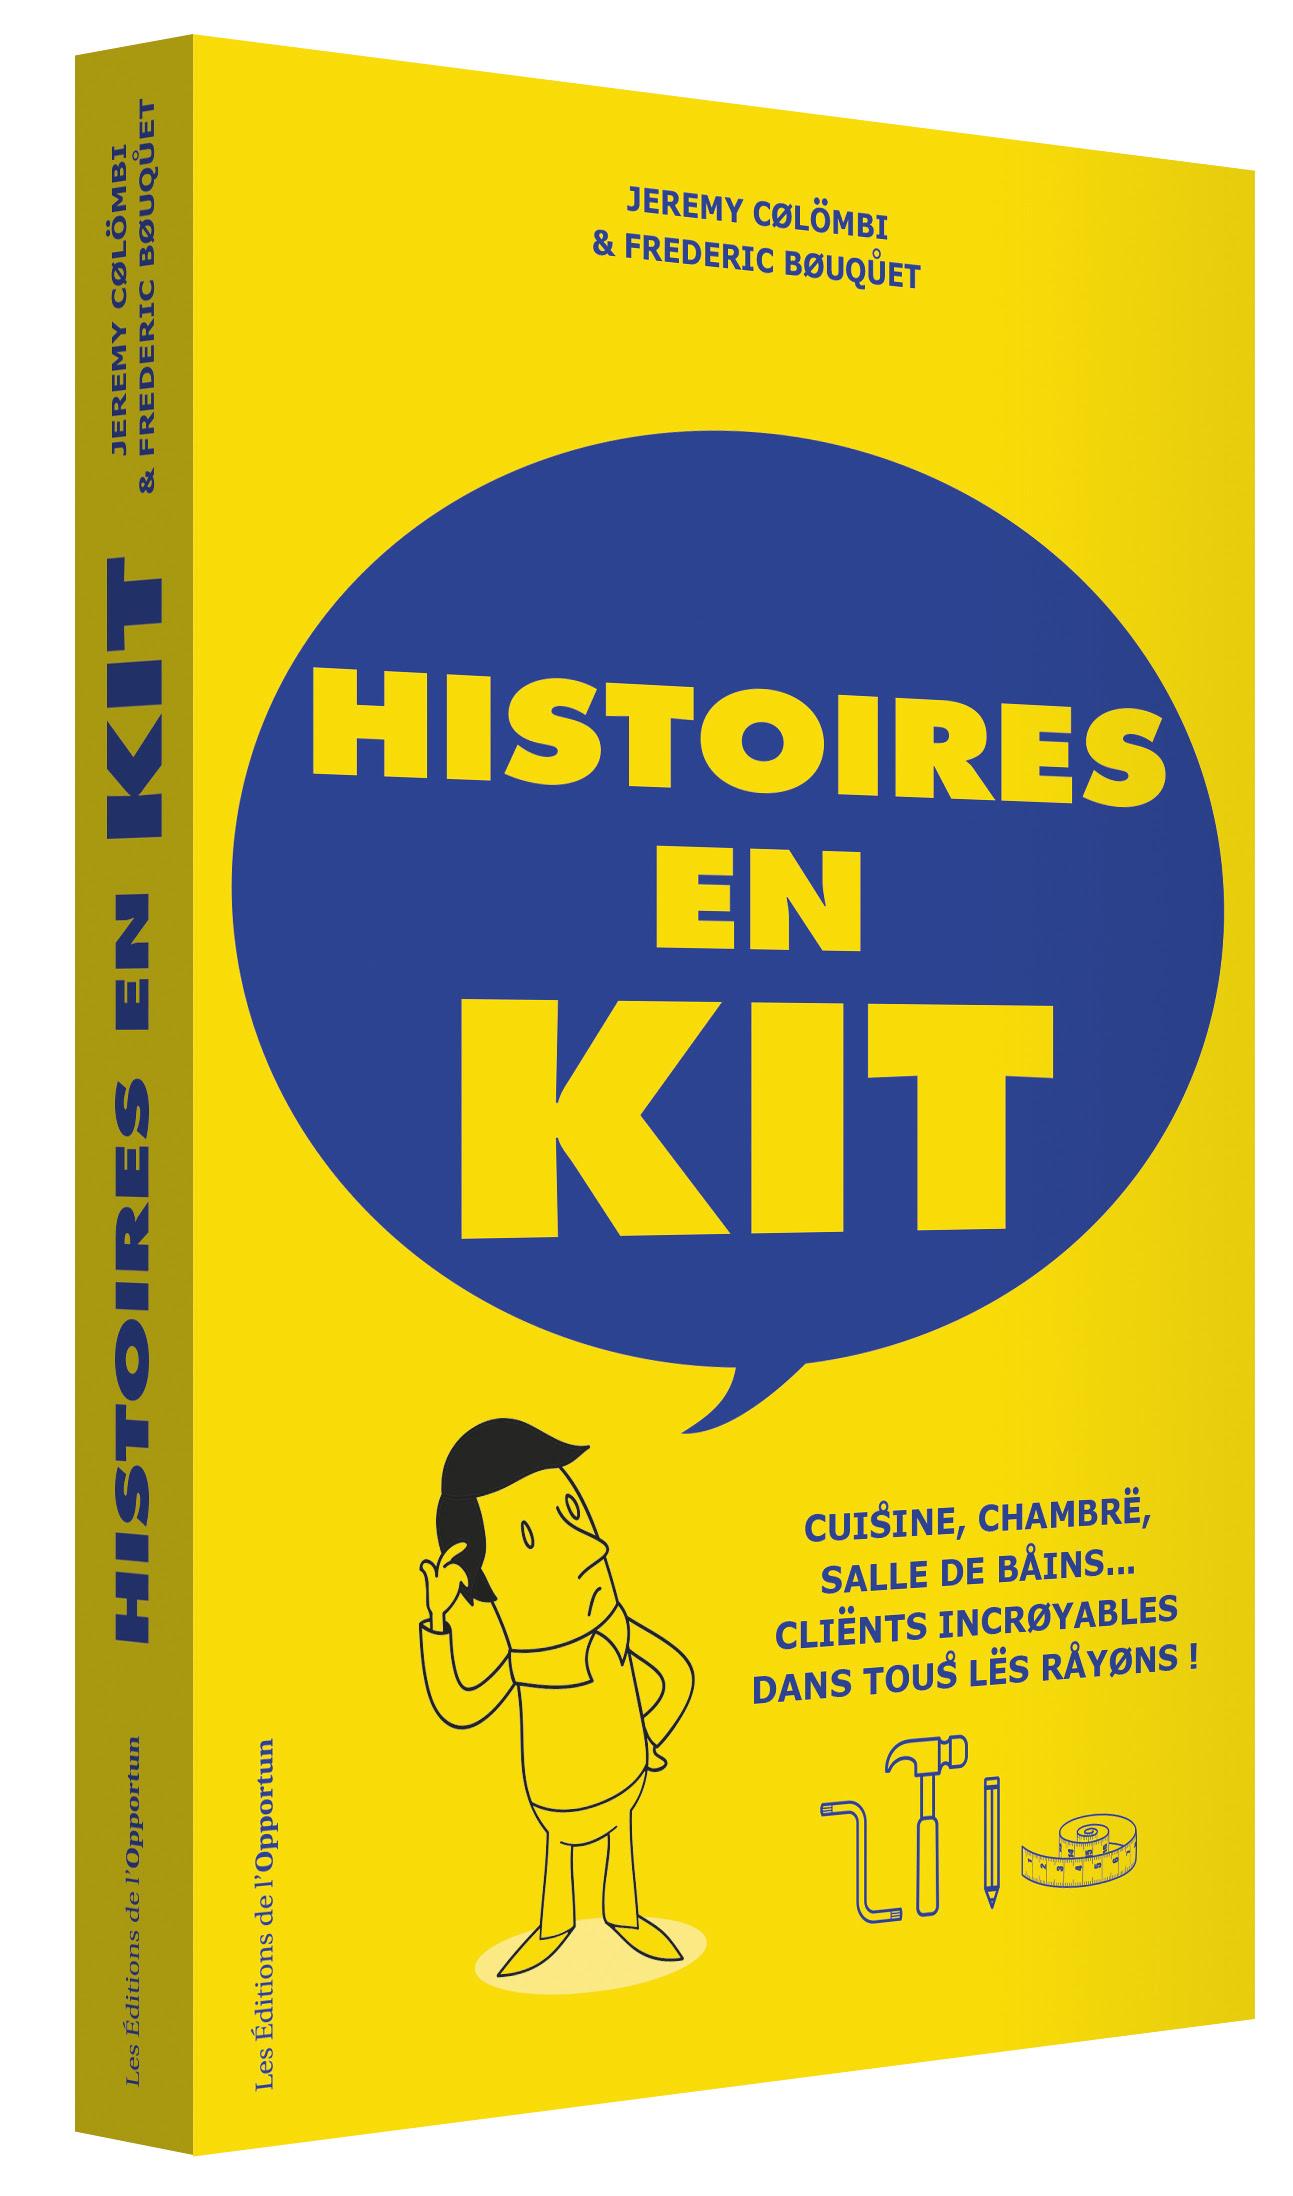 livre histoire en kit